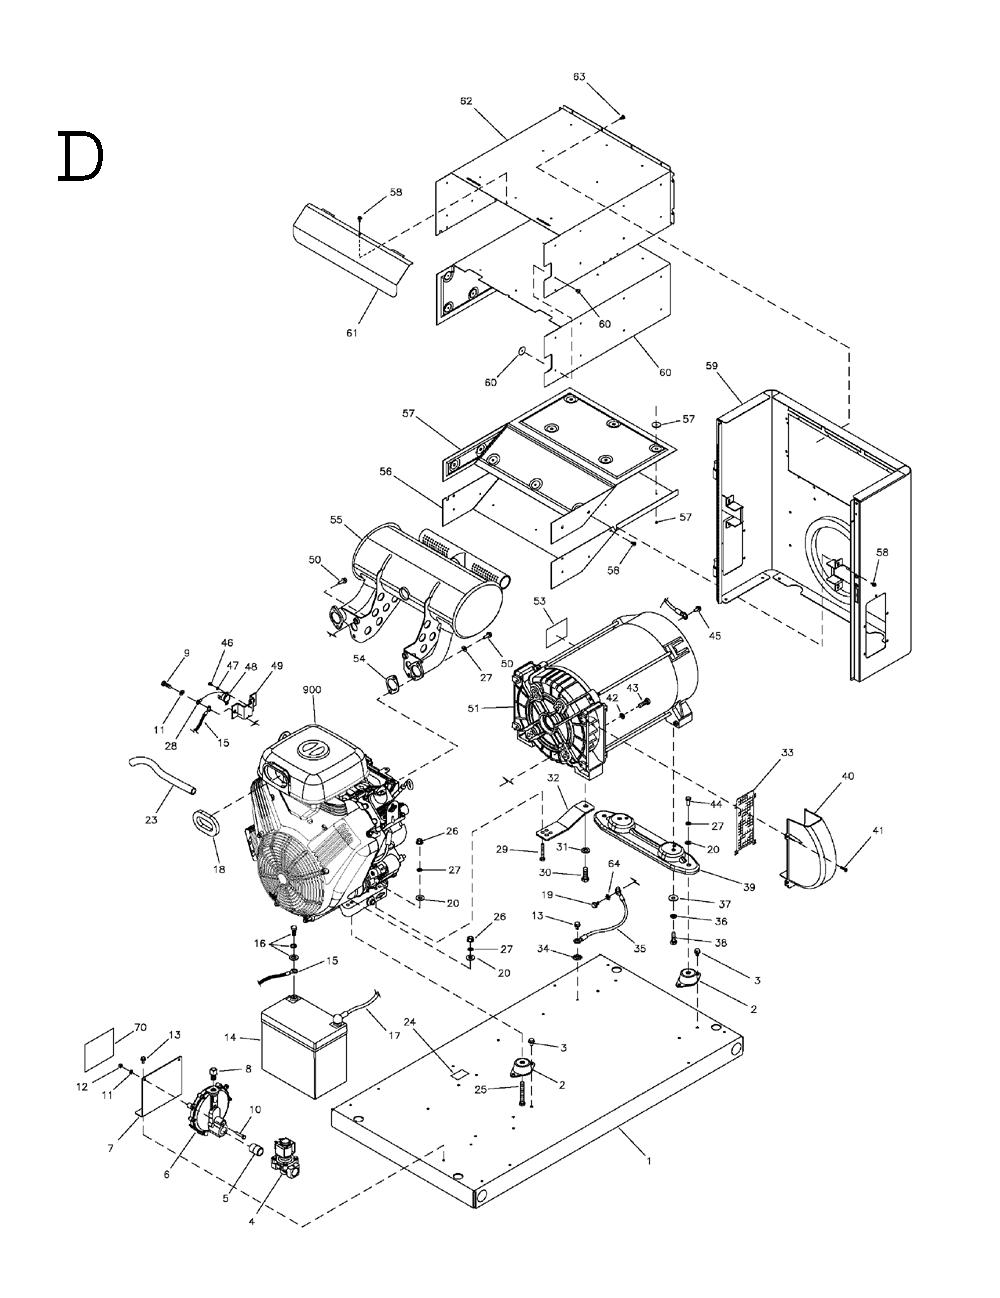 040226-1-BriggsandStratton-PB-3Break Down